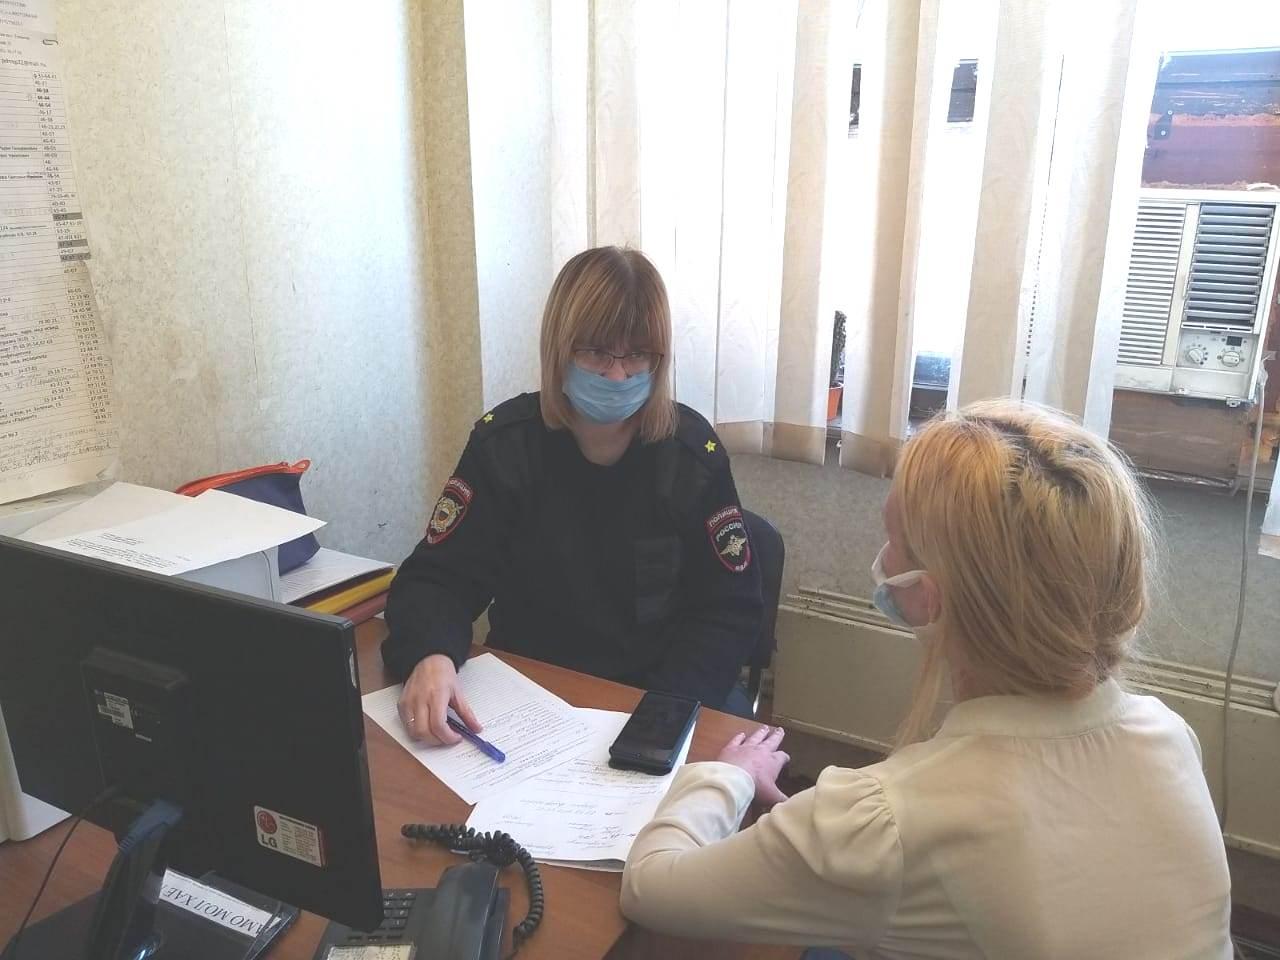 В Тольятти нашли 15-летнюю девочку с черным рюкзаком